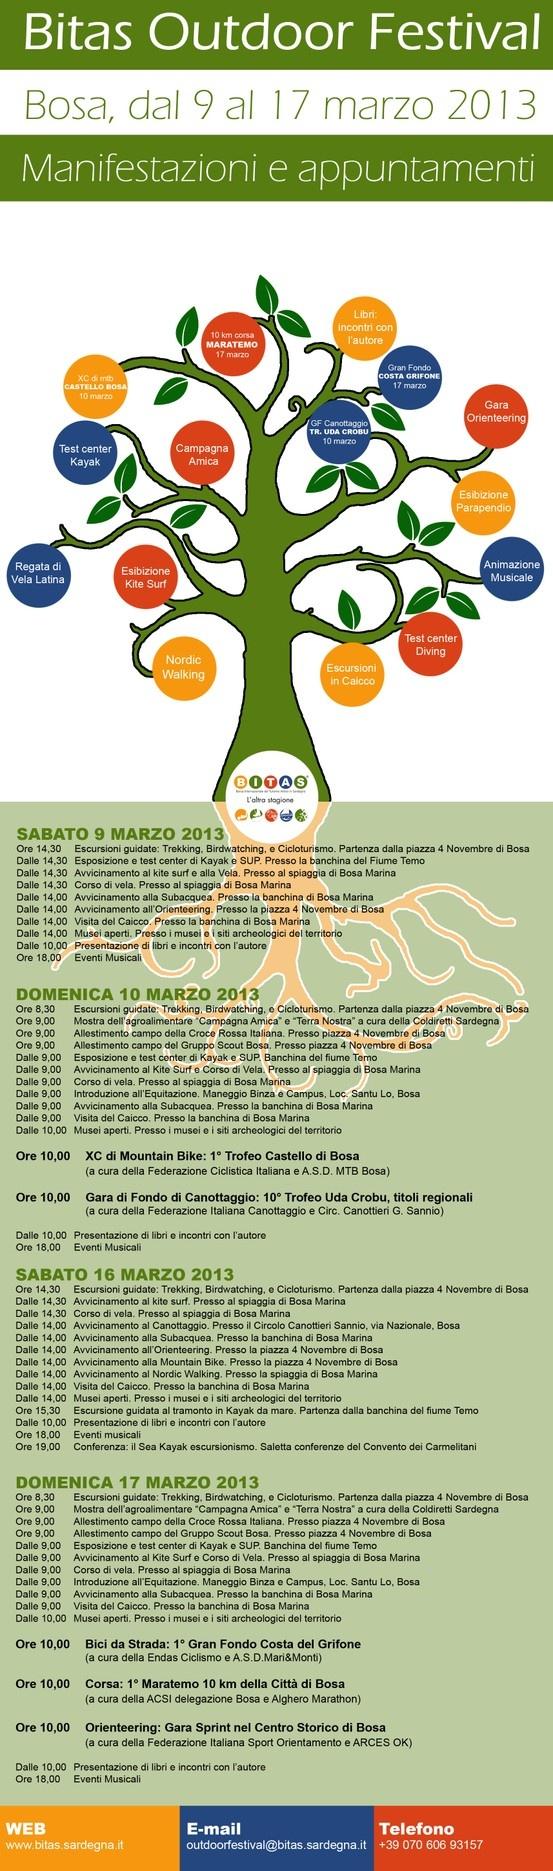 Programma degli eventi collaterali alla Bitas 2013 che animeranno il territorio di Bosa dal 9 al 17 marzo